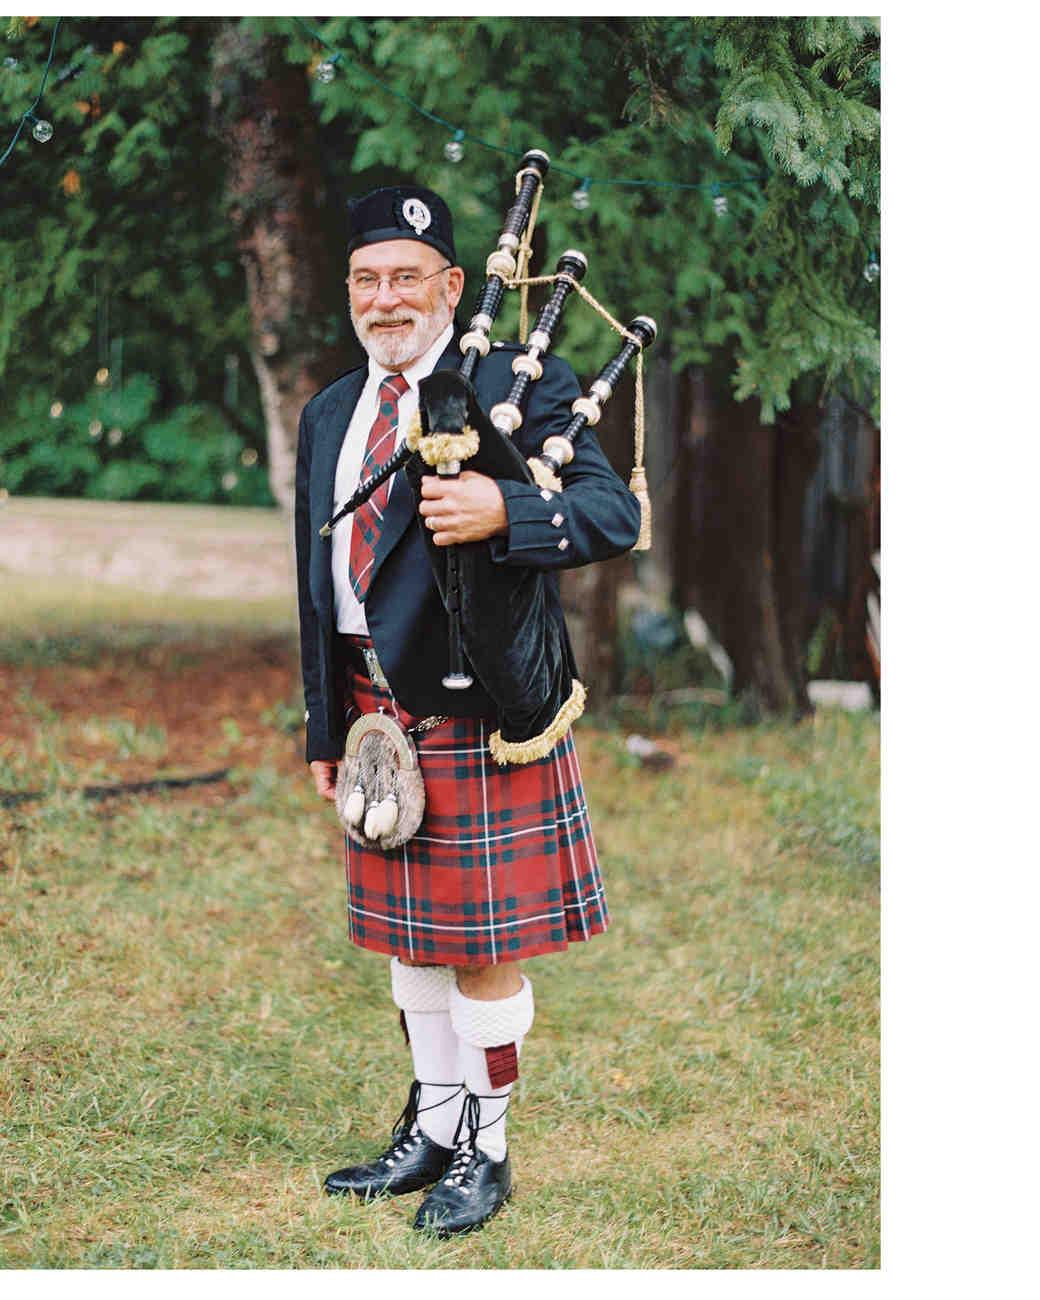 bagpipe-musician-door-county-wi-047-mwds110744.jpg